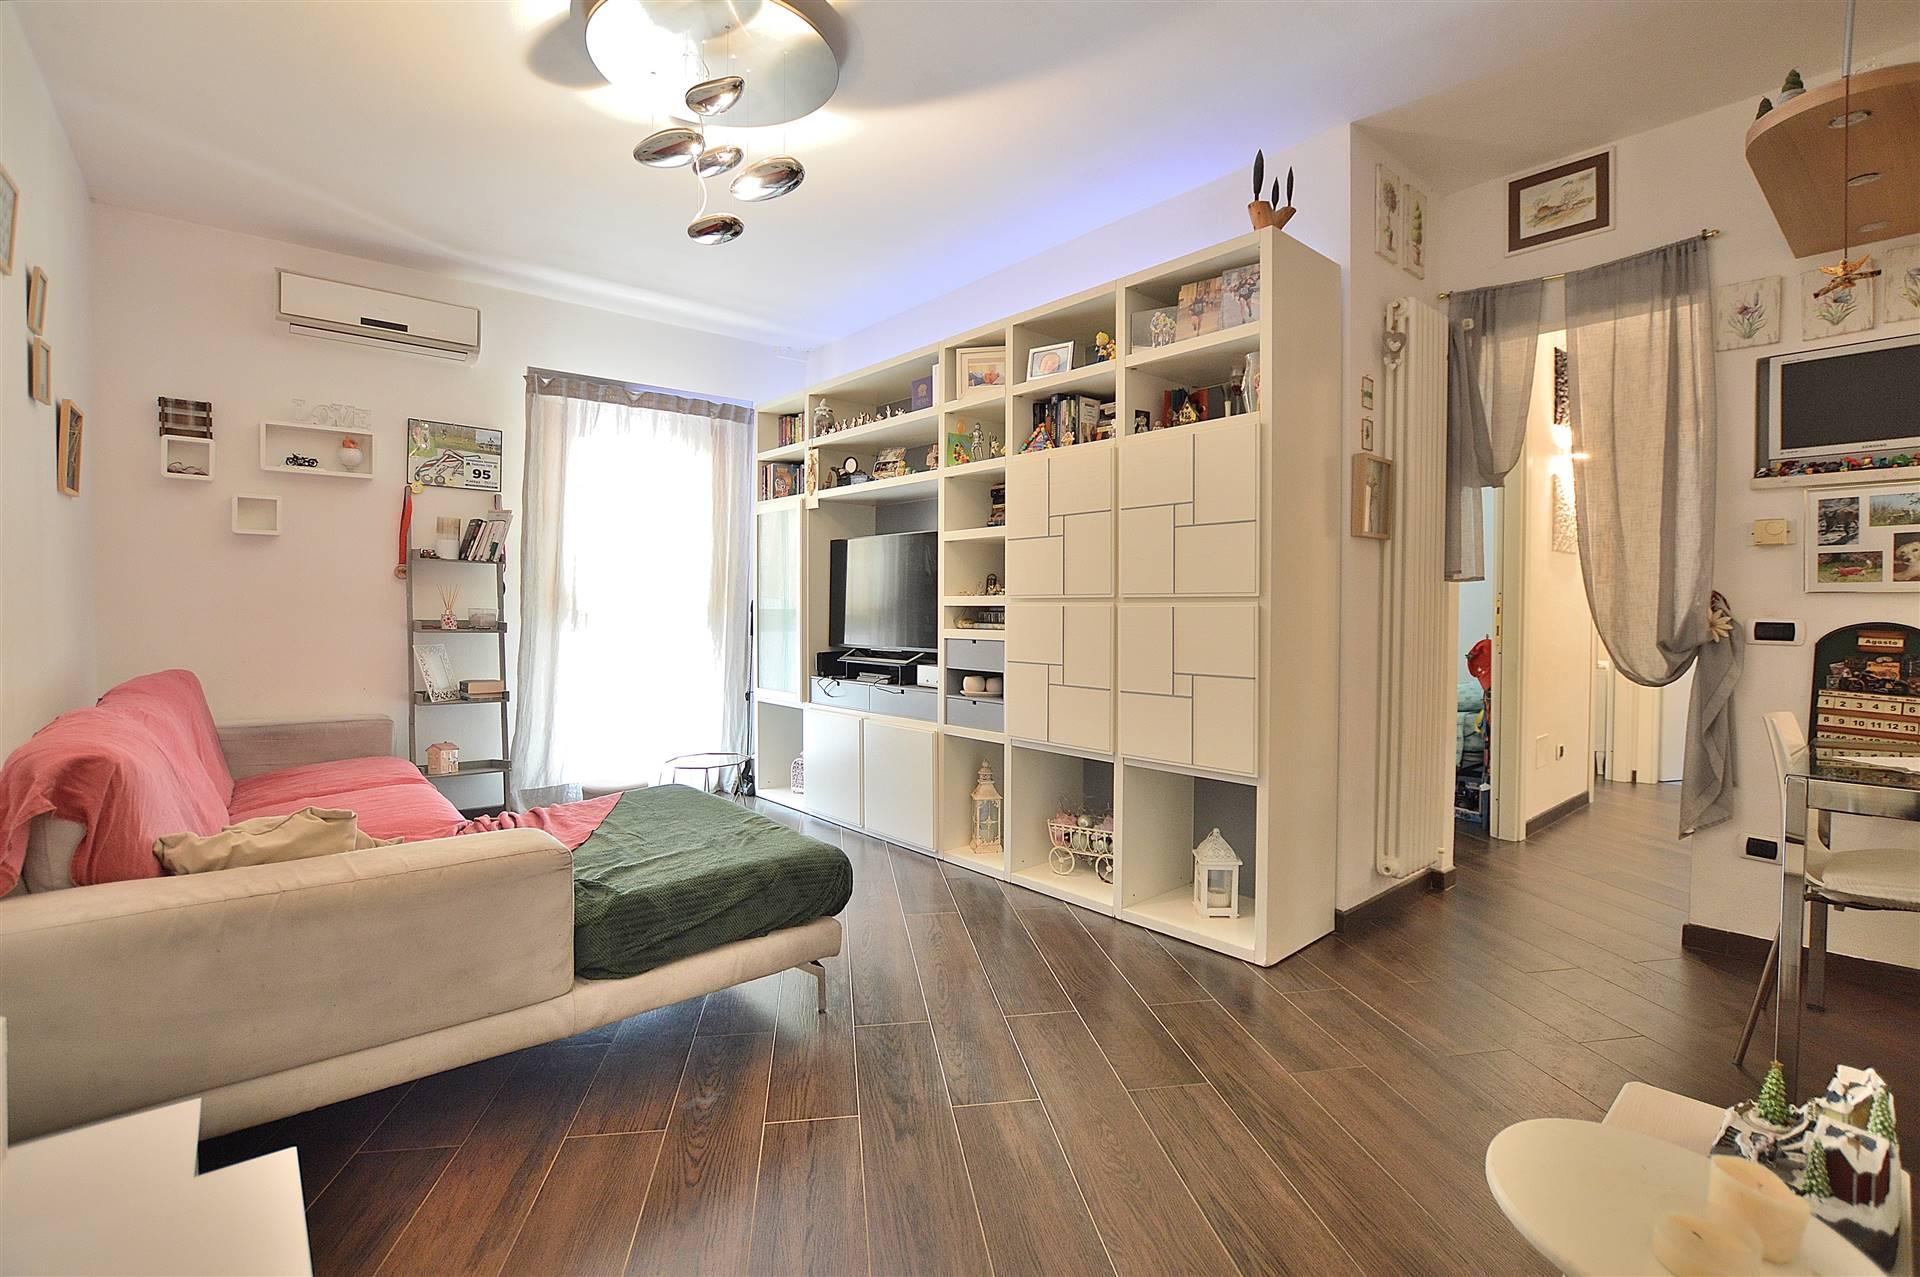 Quercegrossa, in piacevole contesto residenziale, proponiamo appartamento posto al piano primo ed ultimo all'interno di una piccola palazzina in